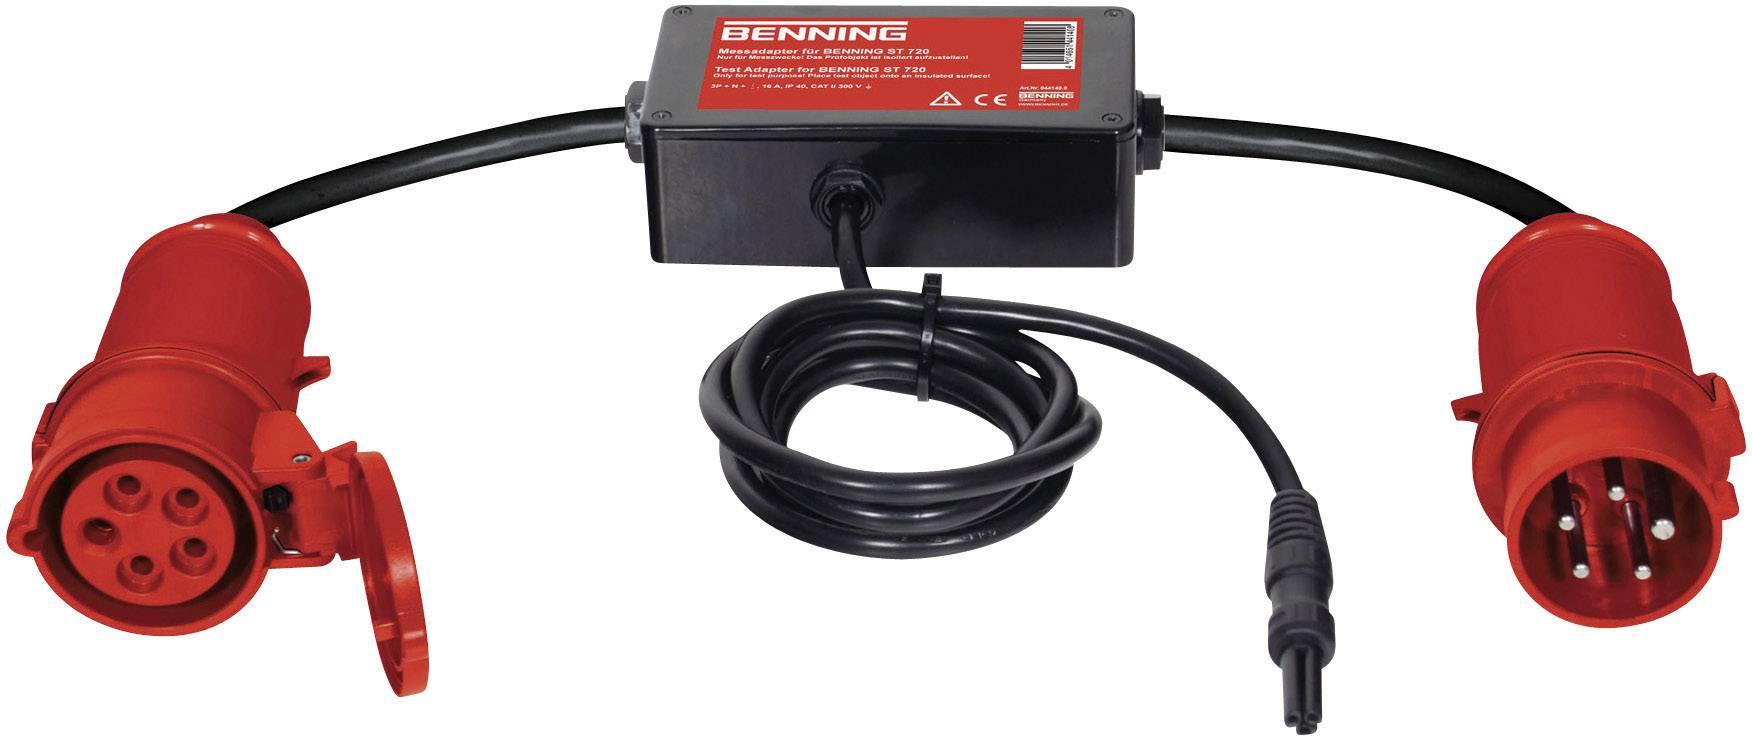 Aktivní měřicí adaptér Benning, 16 A CEE, 3 fázový